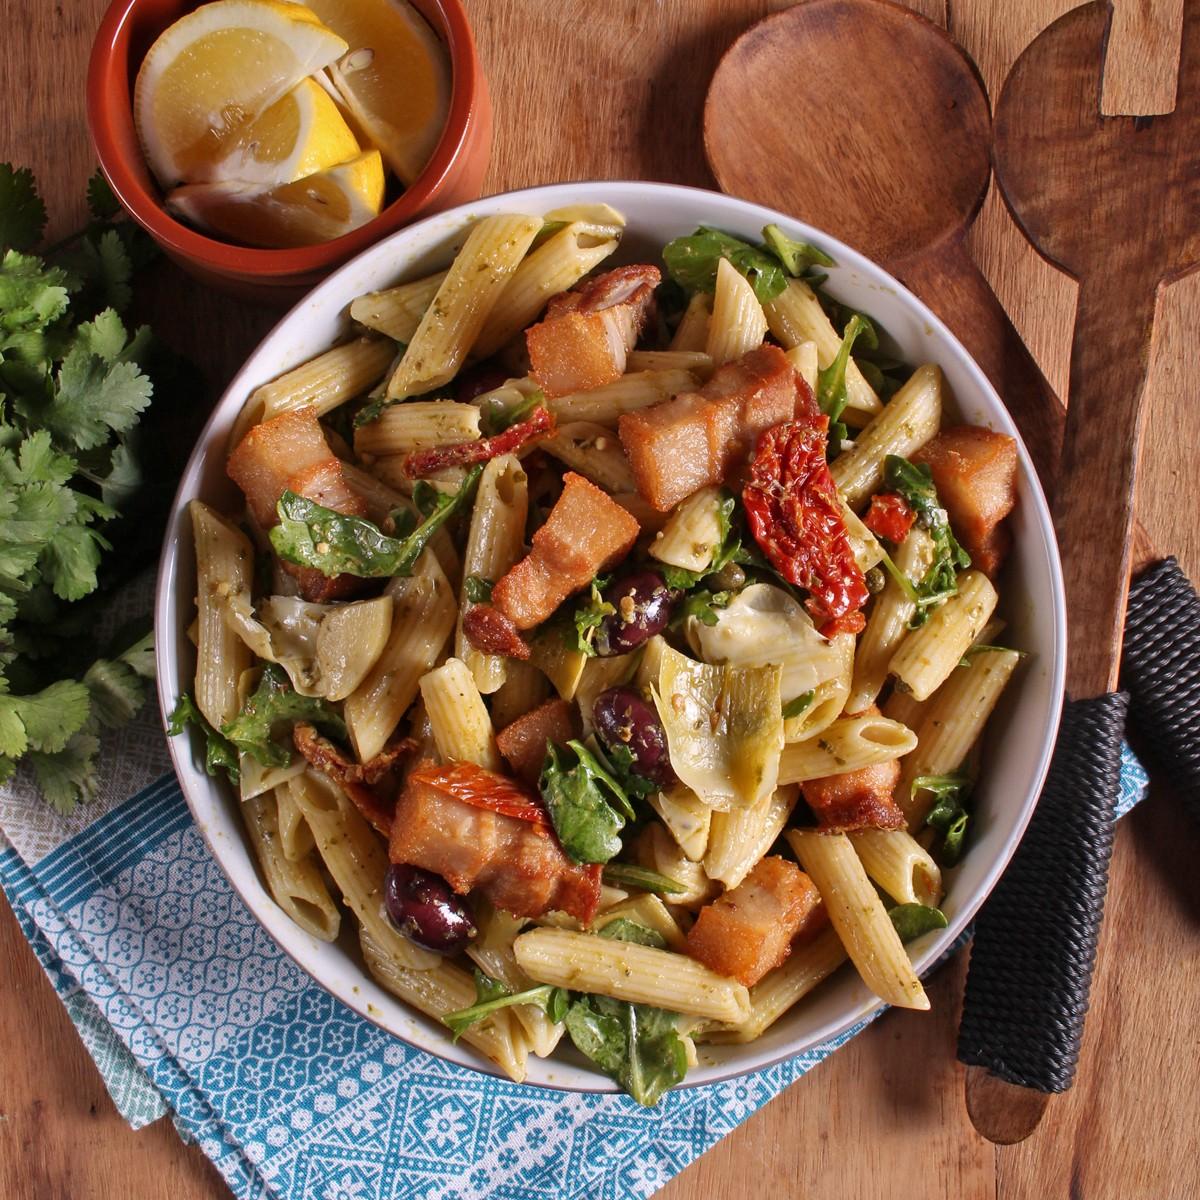 Mediterranean Pork Pasta Salad - SunPork Pork Belly